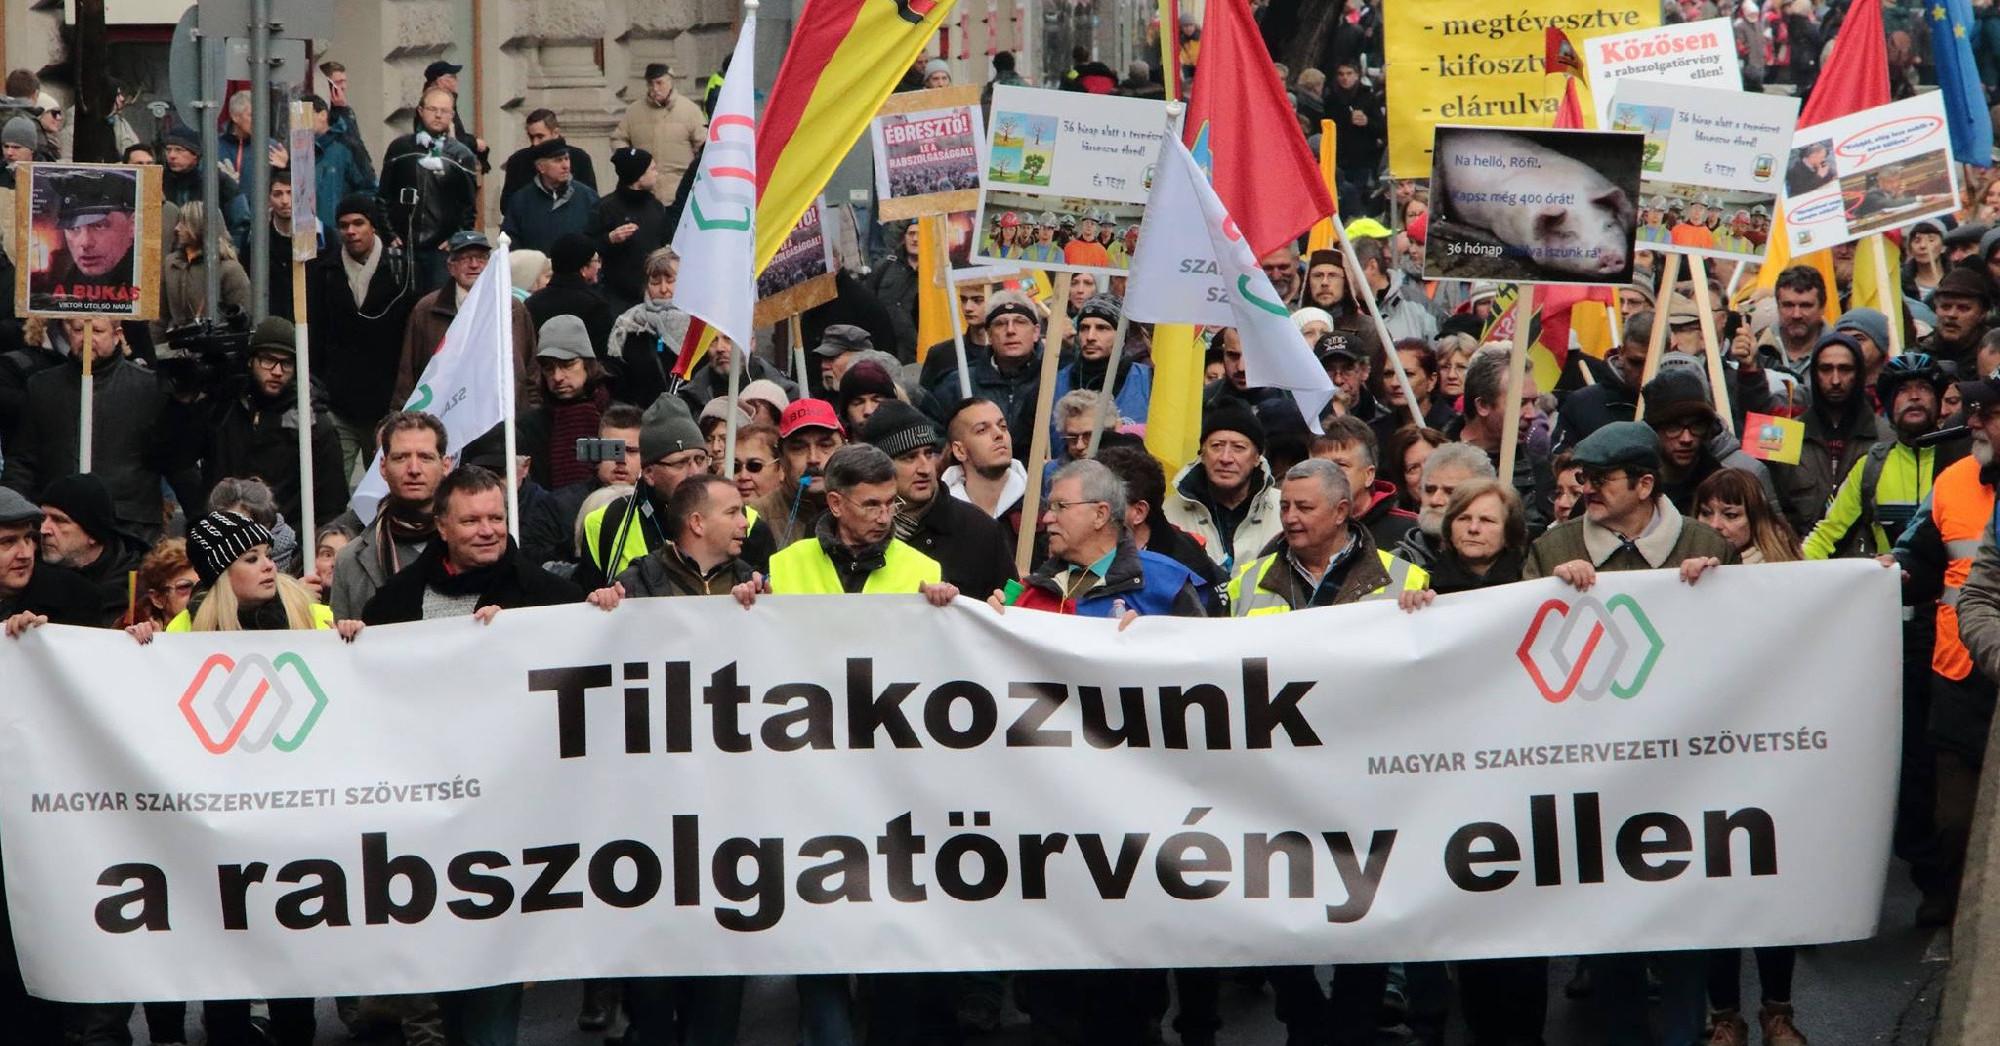 Új elnök lesz a Magyar Szakszervezeti Szövetség élén